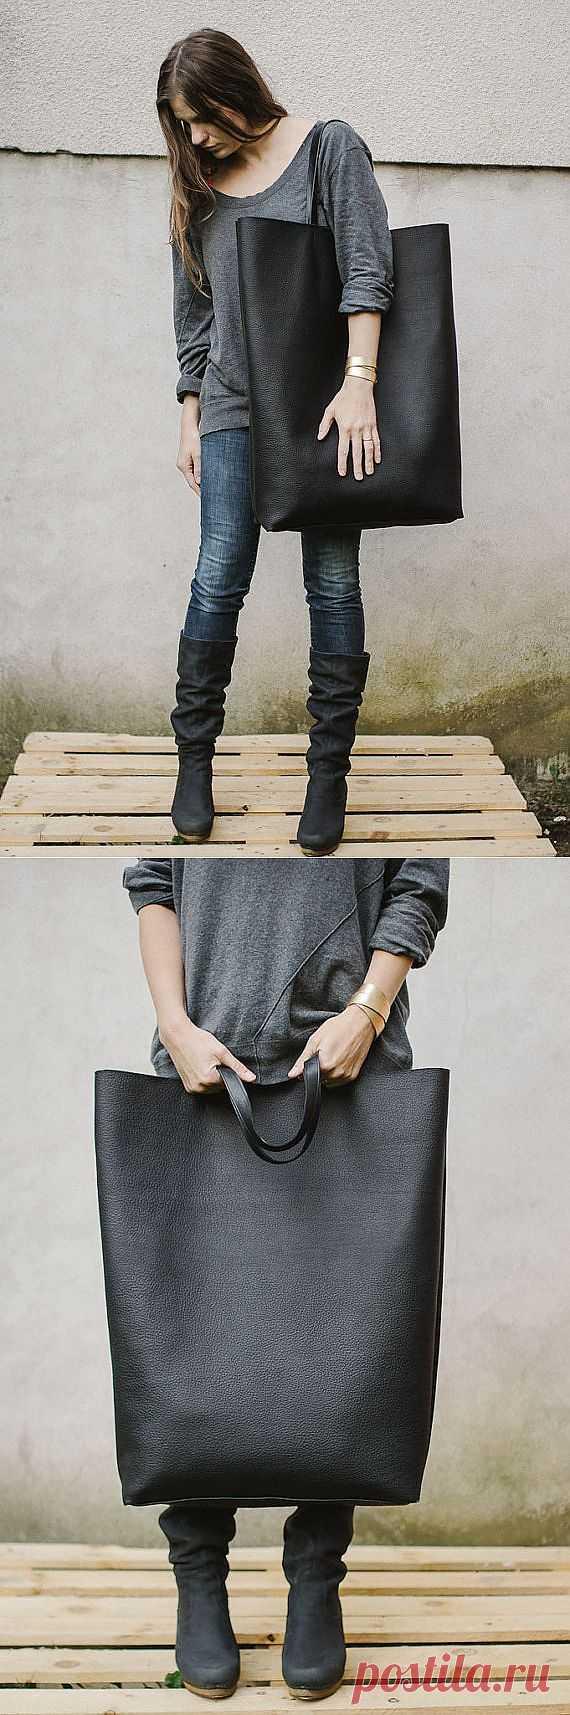 Гигантская сумка / Сумки, клатчи, чемоданы / Модный сайт о стильной переделке одежды и интерьера